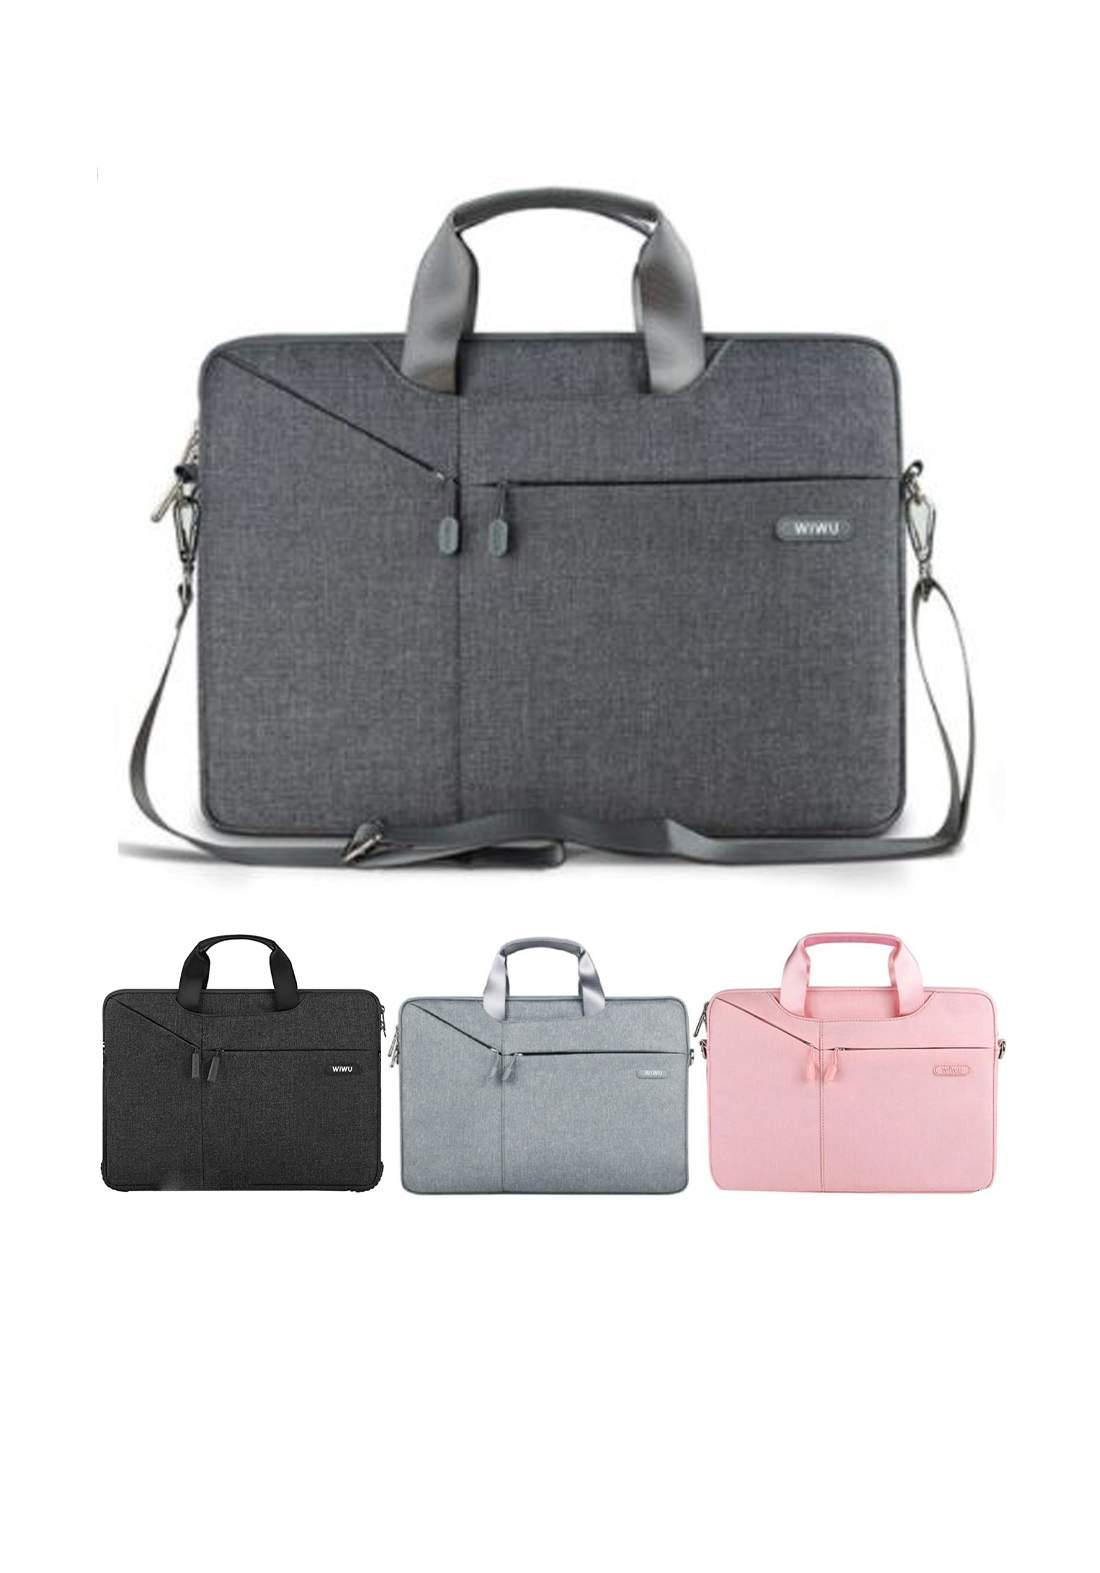 WIWU Waterproof Laptop Bag حقيبة لابتوب